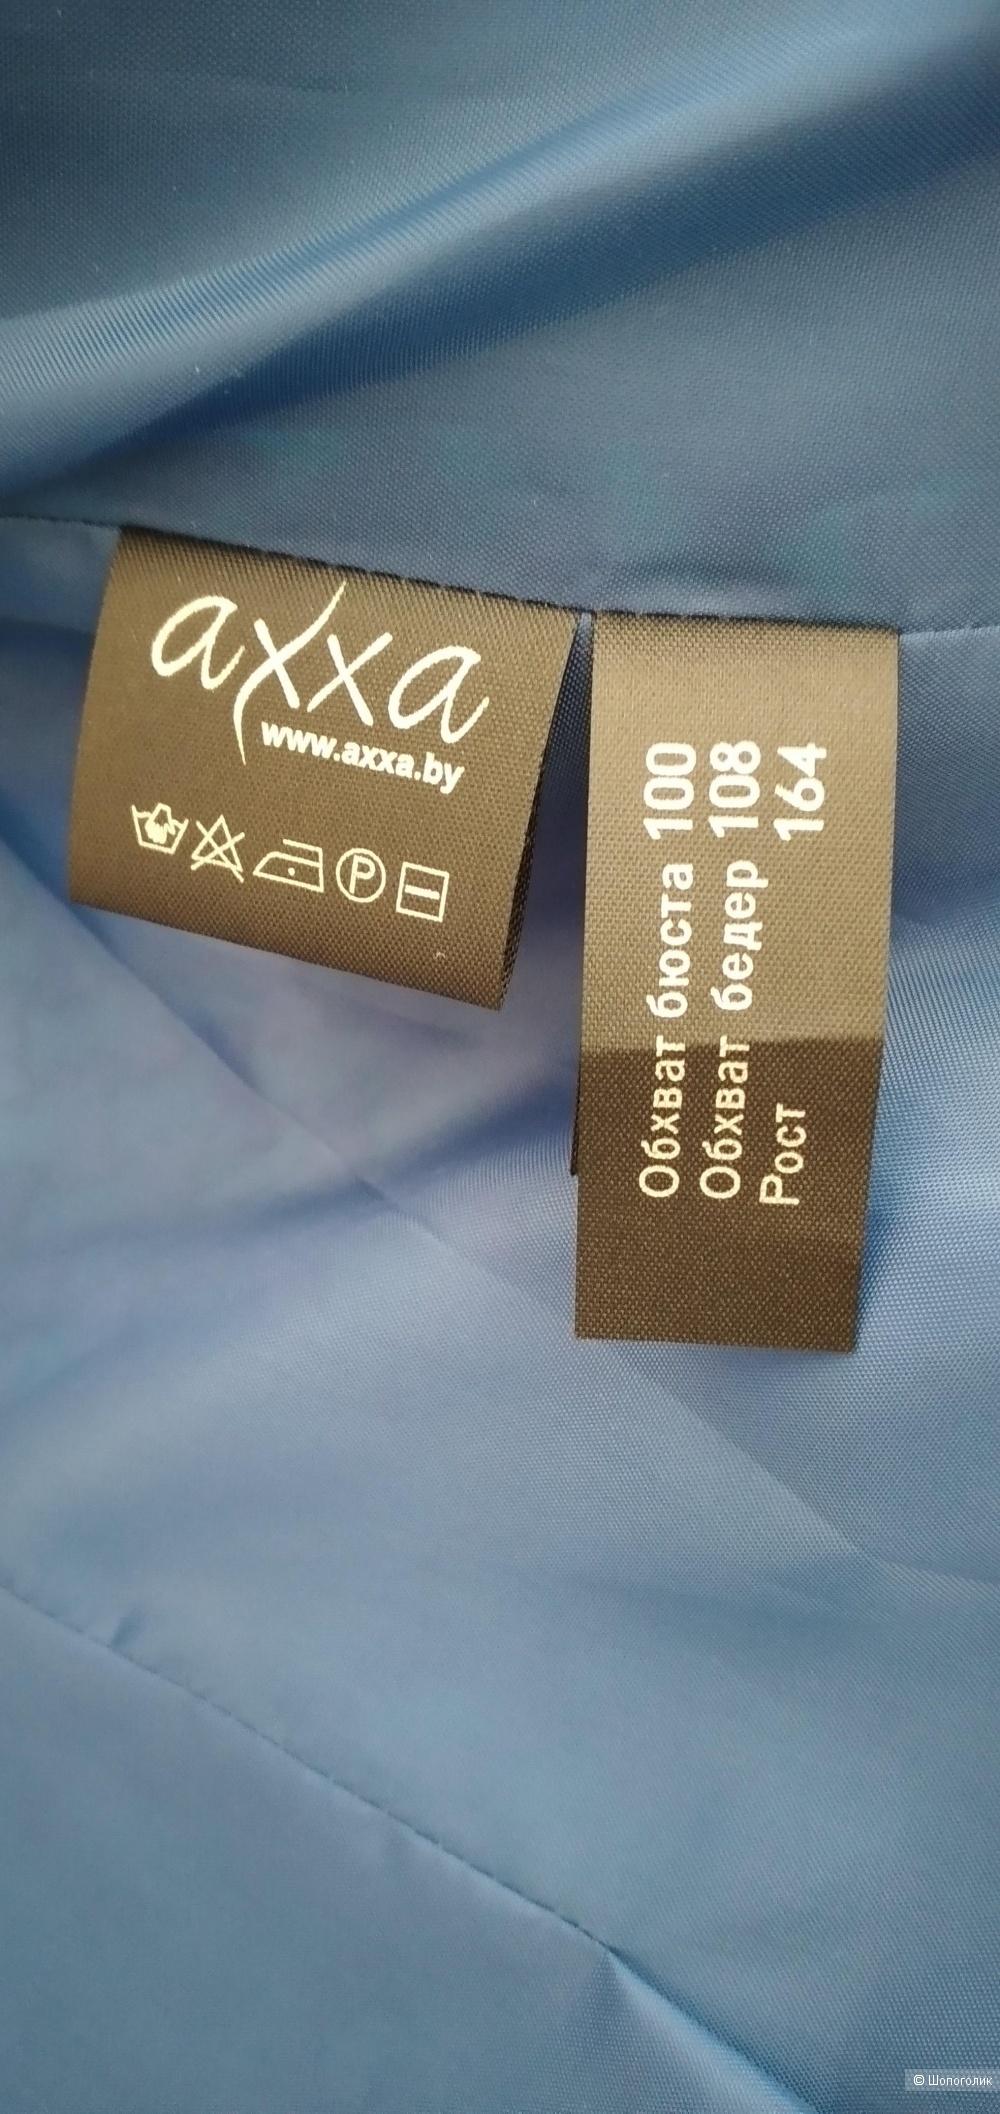 Жакет Axxa XL